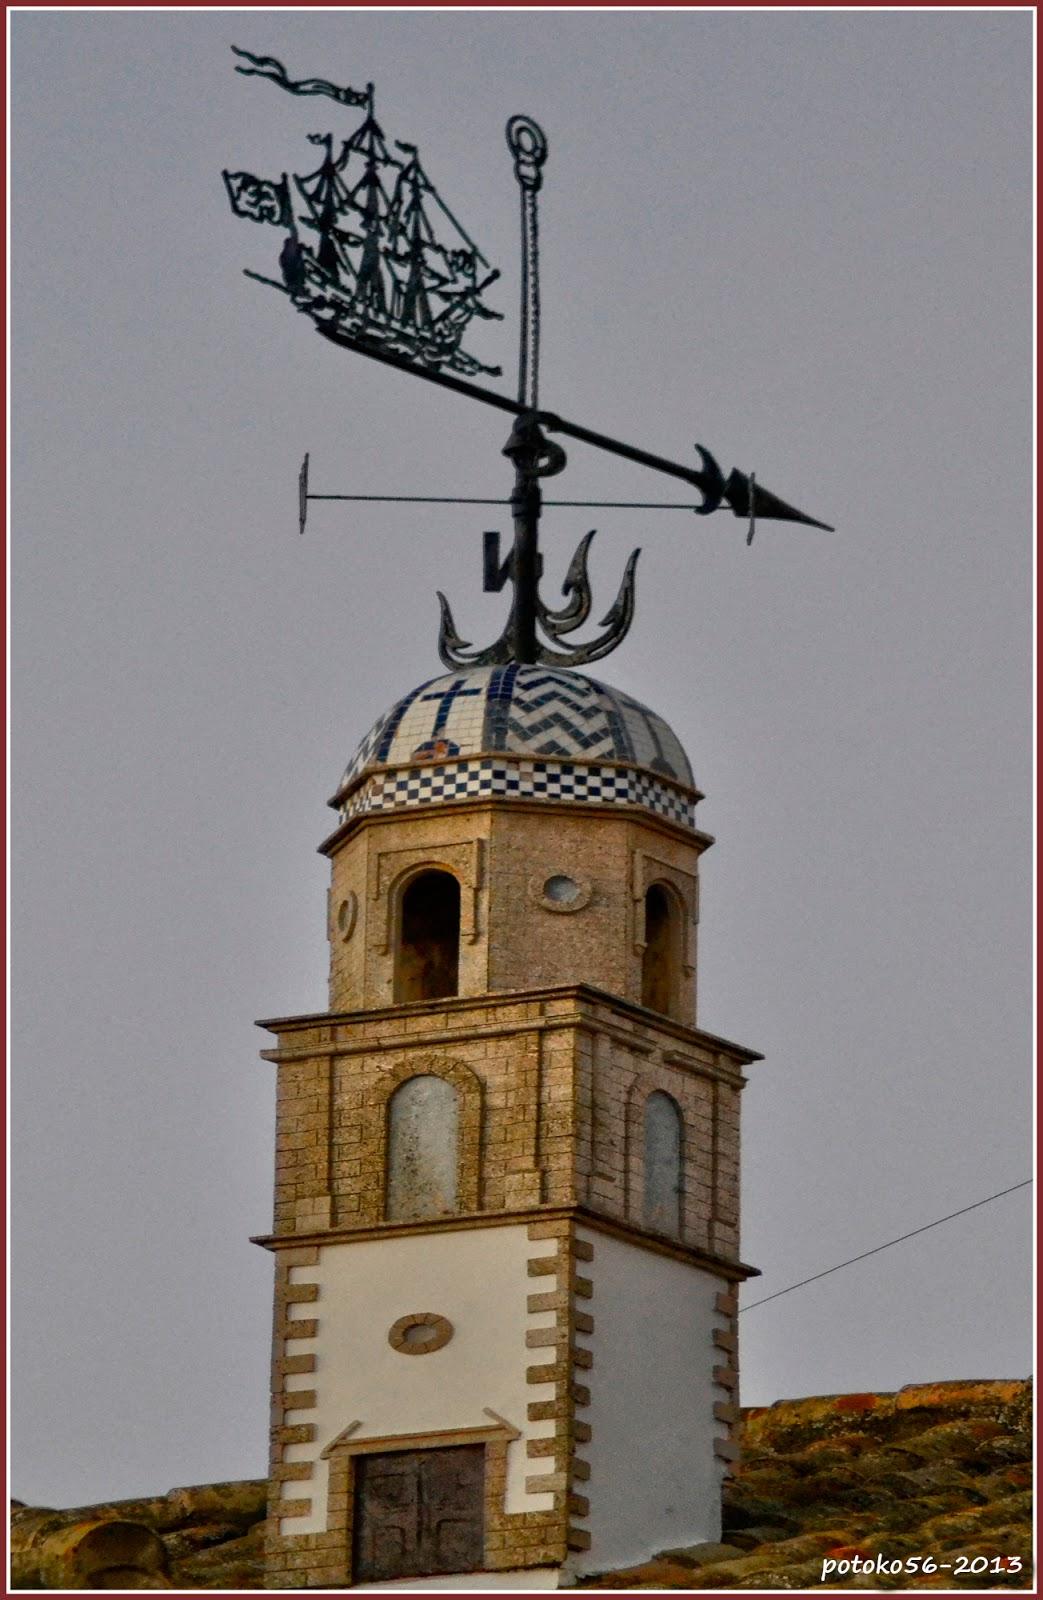 Torre de la Merced replica convertida en veleta Rota